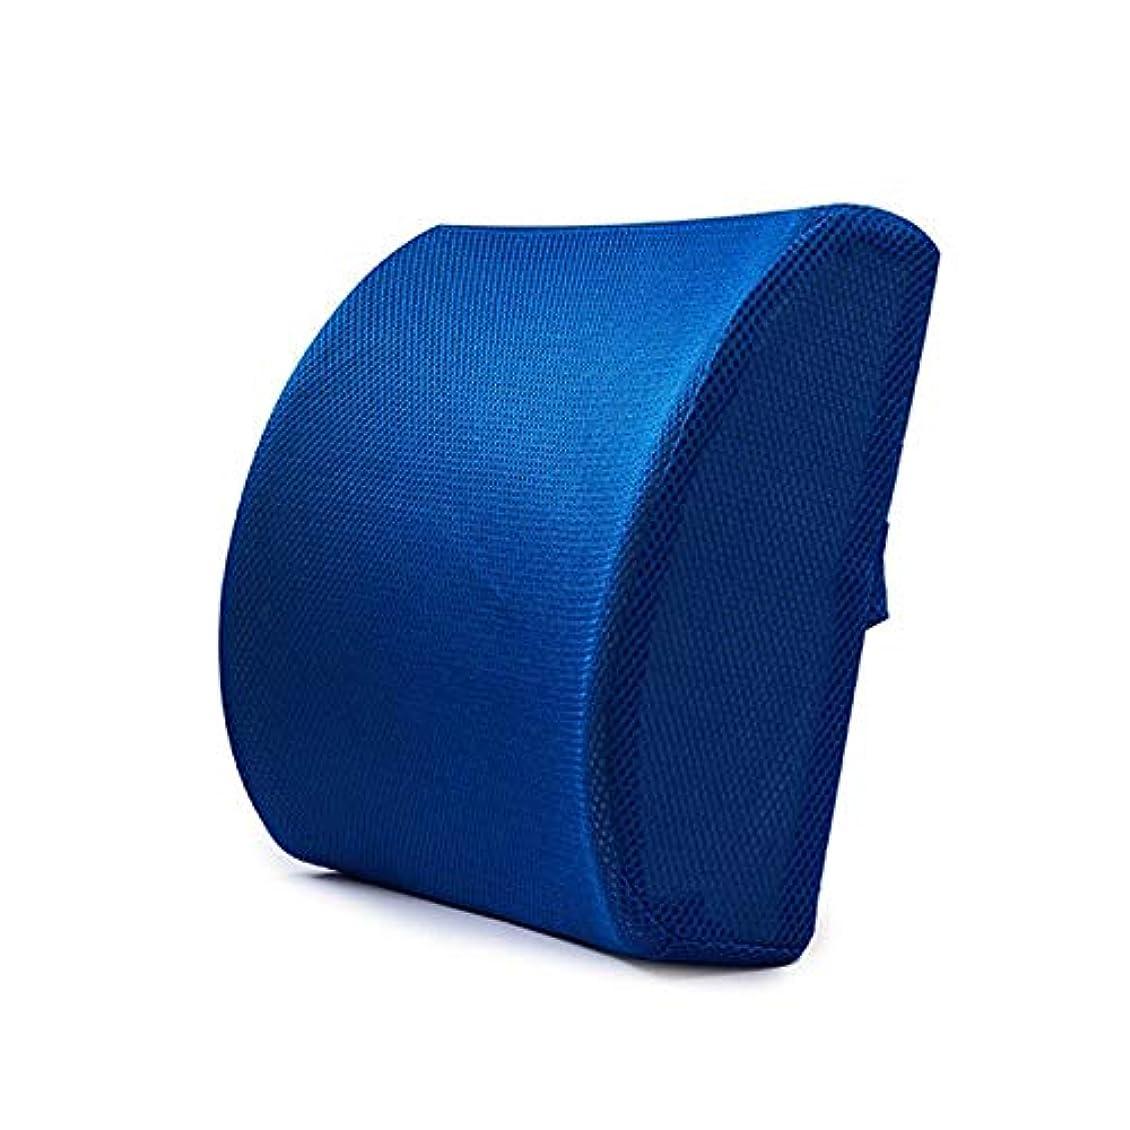 感じ弱める過ちLIFE ホームオフィス背もたれ椅子腰椎クッションカーシートネック枕 3D 低反発サポートバックマッサージウエストレスリビング枕 クッション 椅子